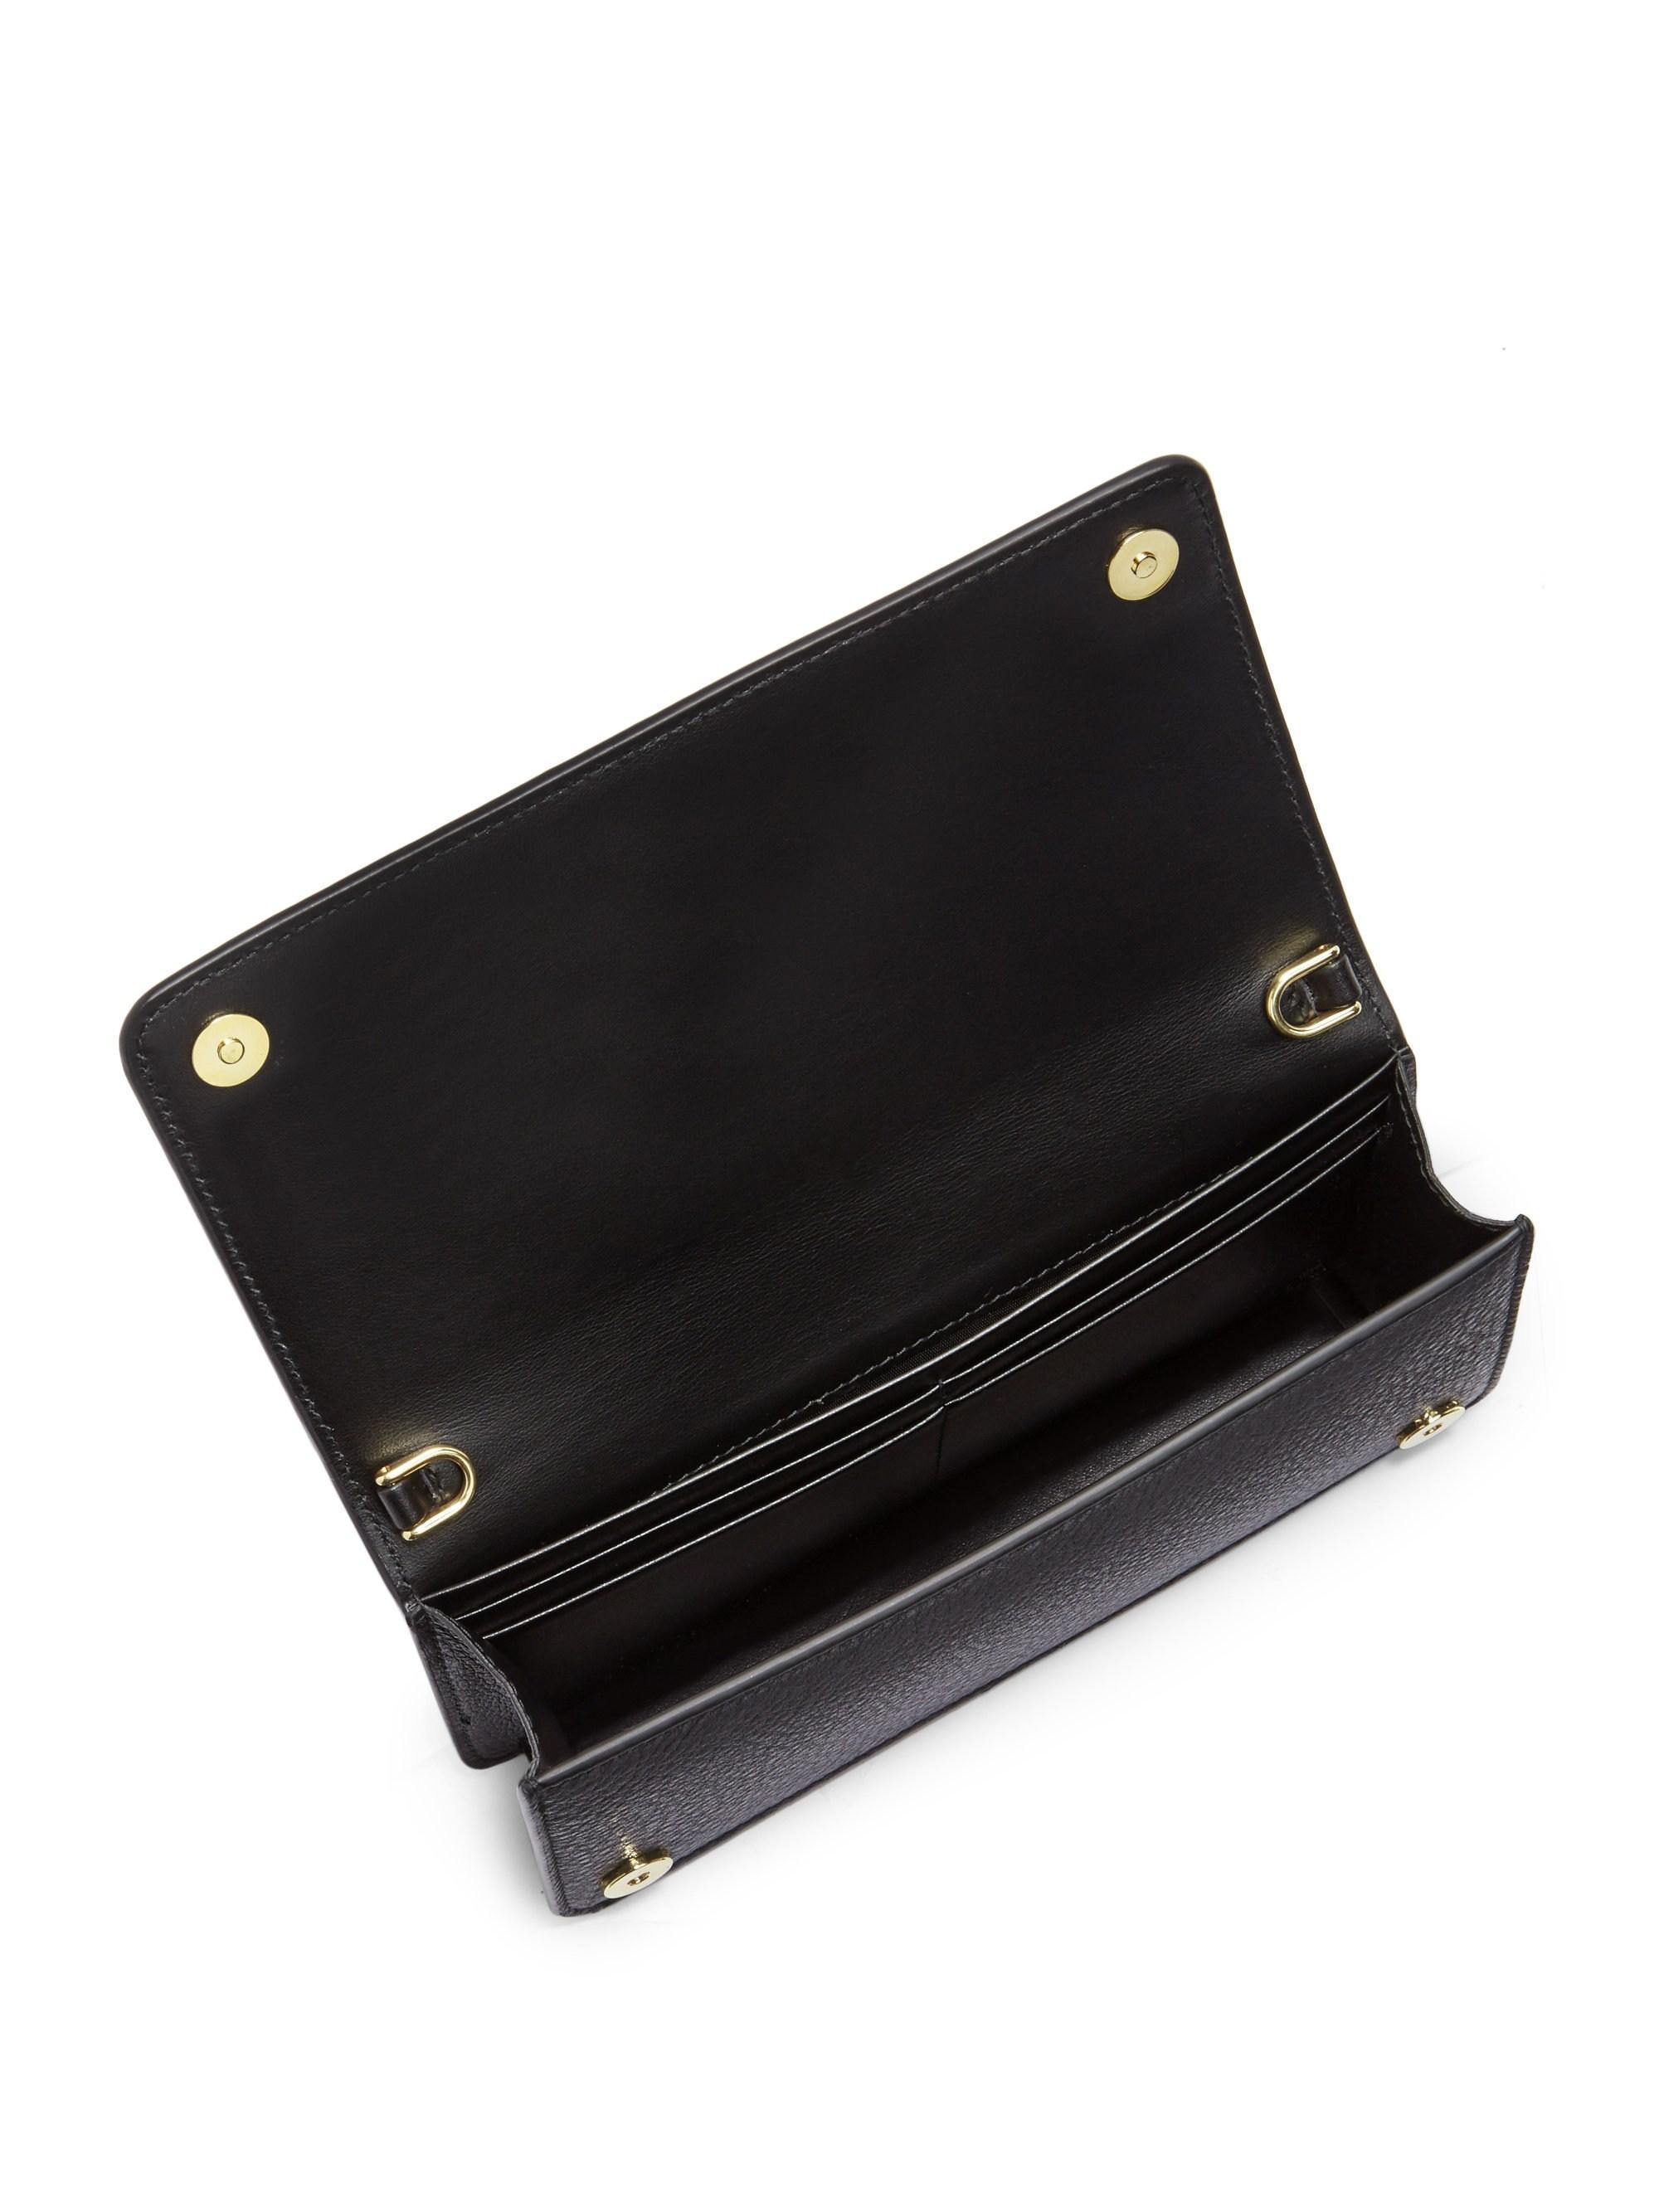 d38a8d0bfde1 Lyst - Prada Mini Bandoliera Leather Crossbody Bag in Black